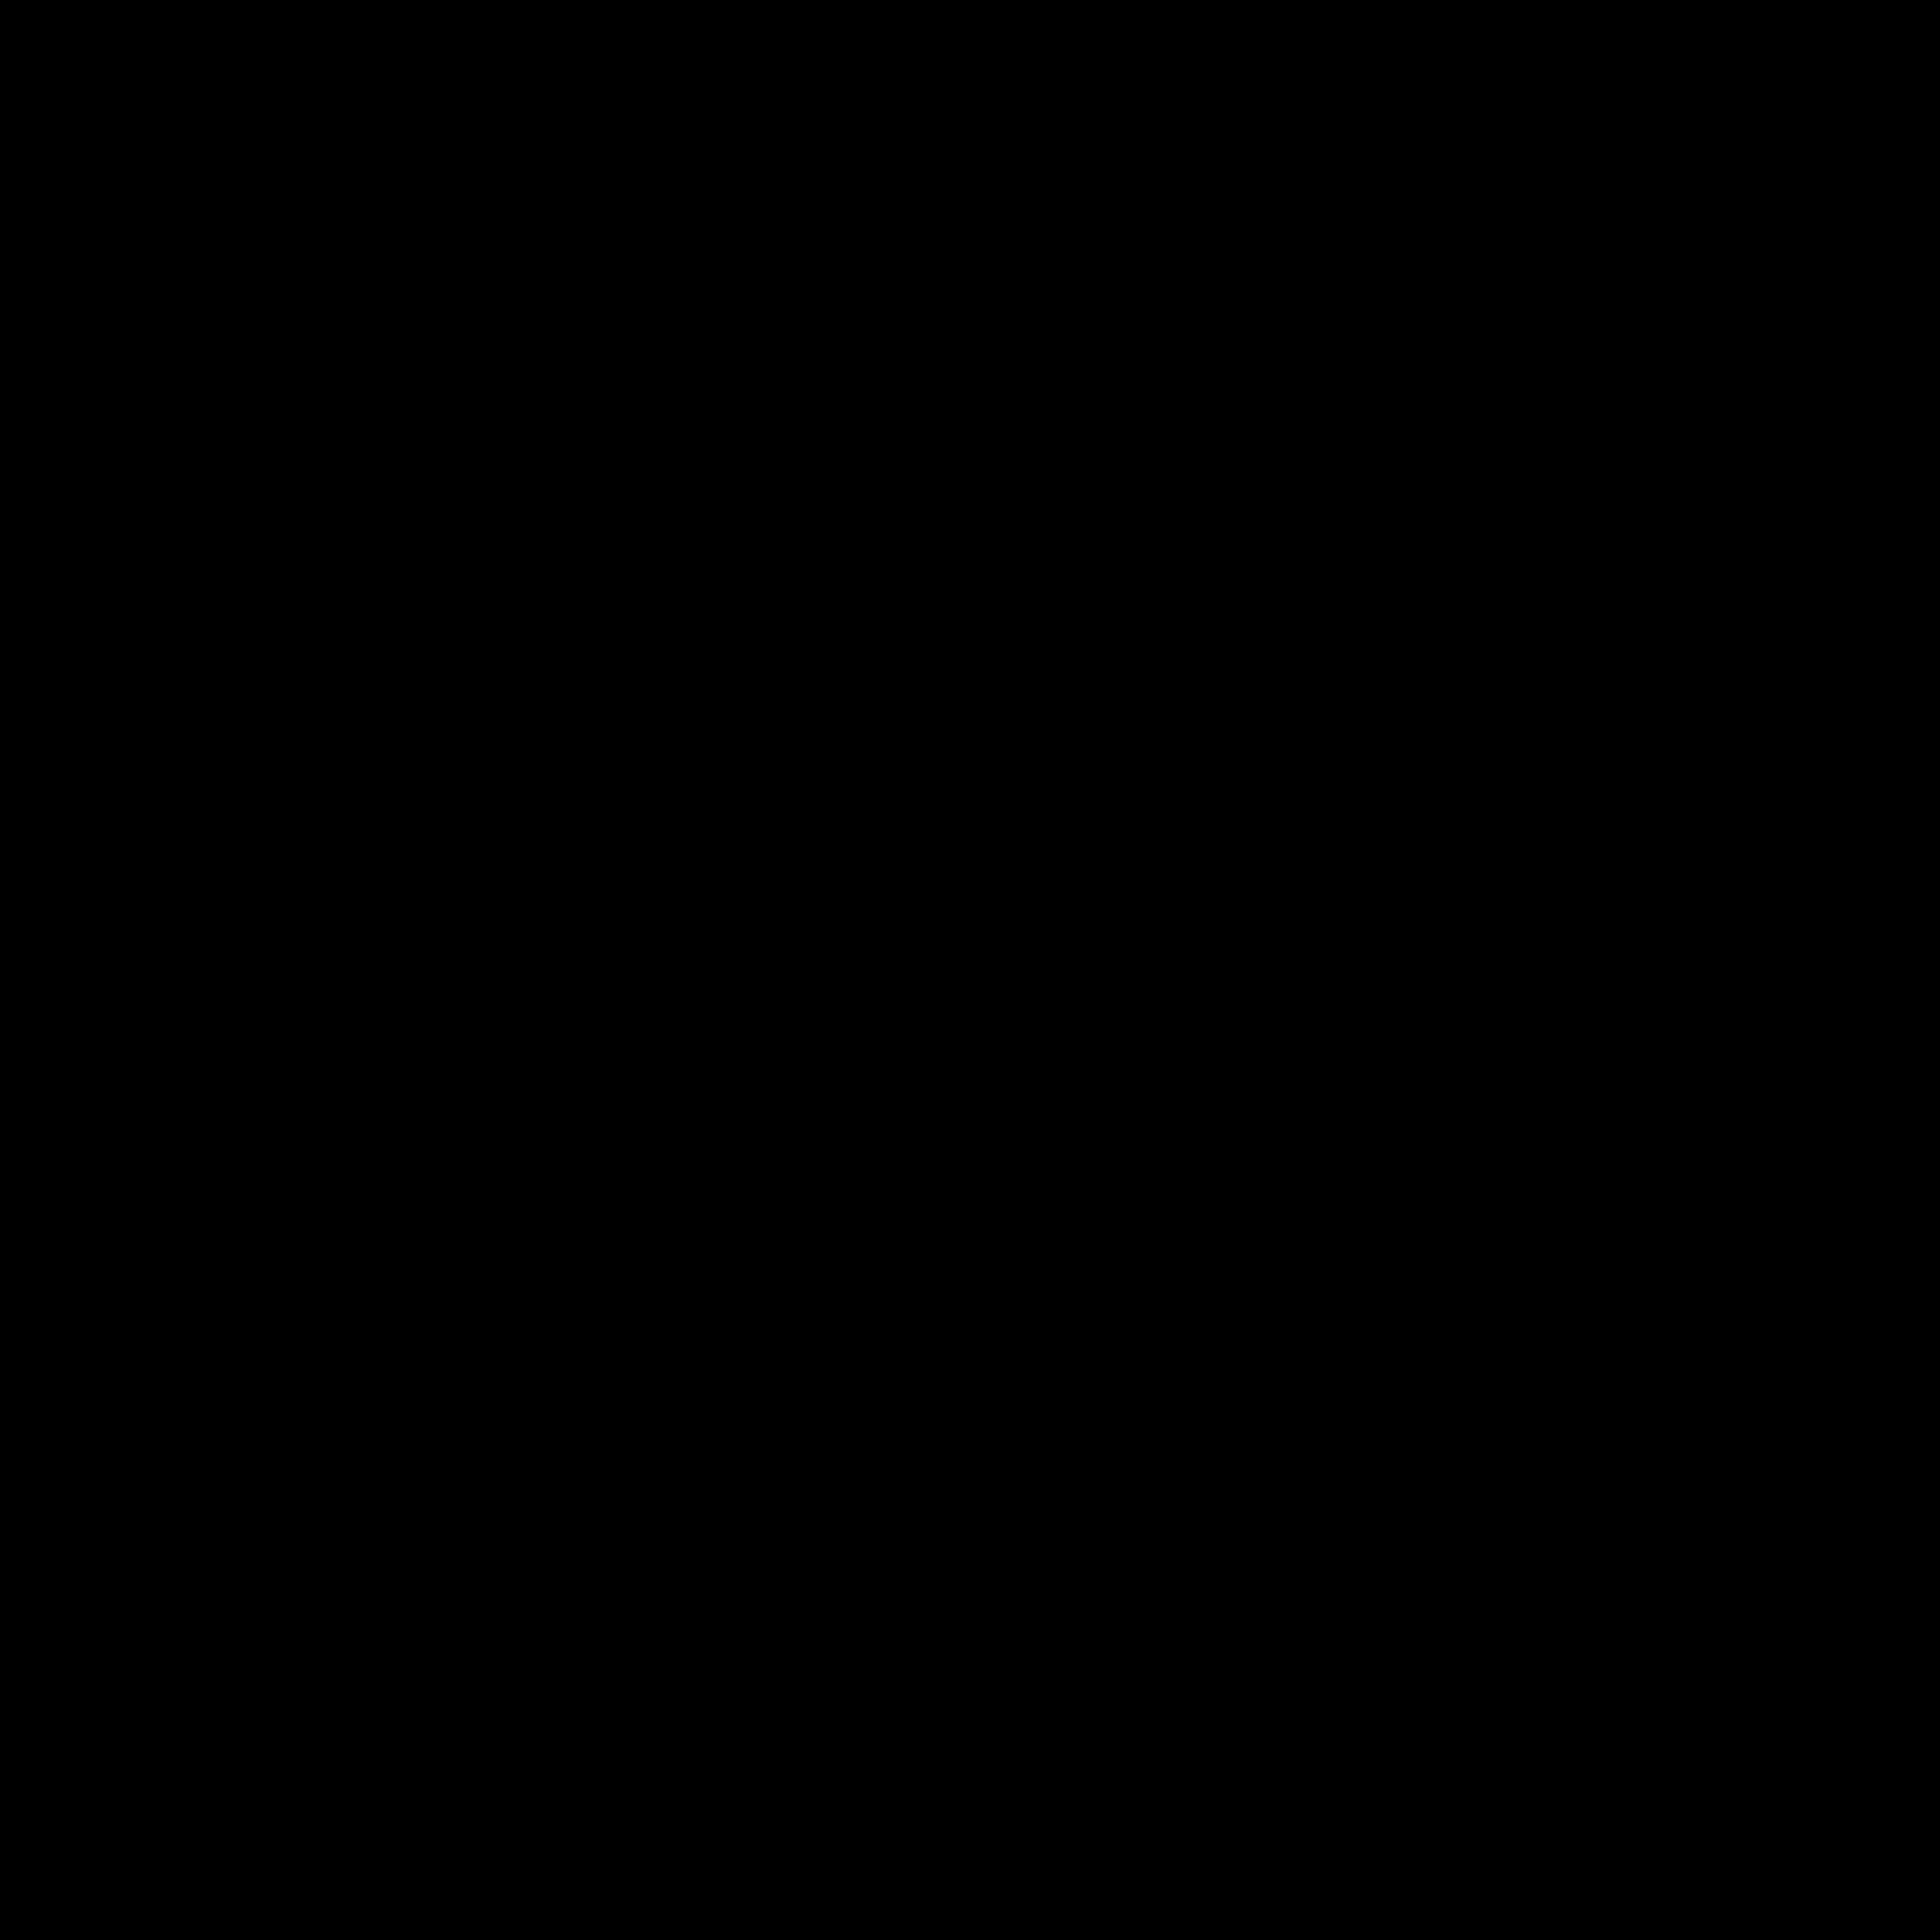 BR900V Ultra Lite Adult Badminton Racket - Green